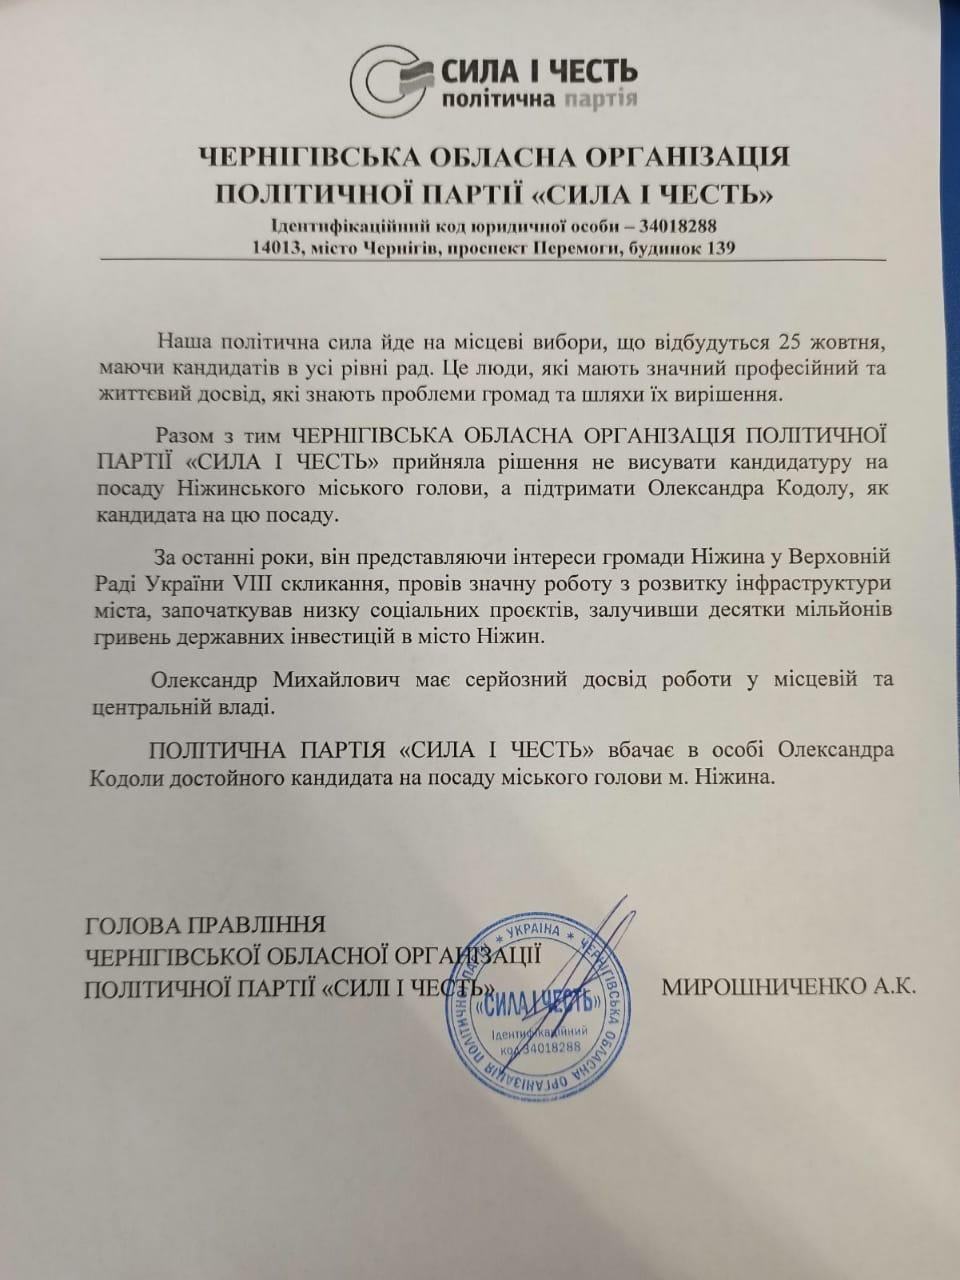 Олександр Кодола, Сила і честь, підтримка, вибори